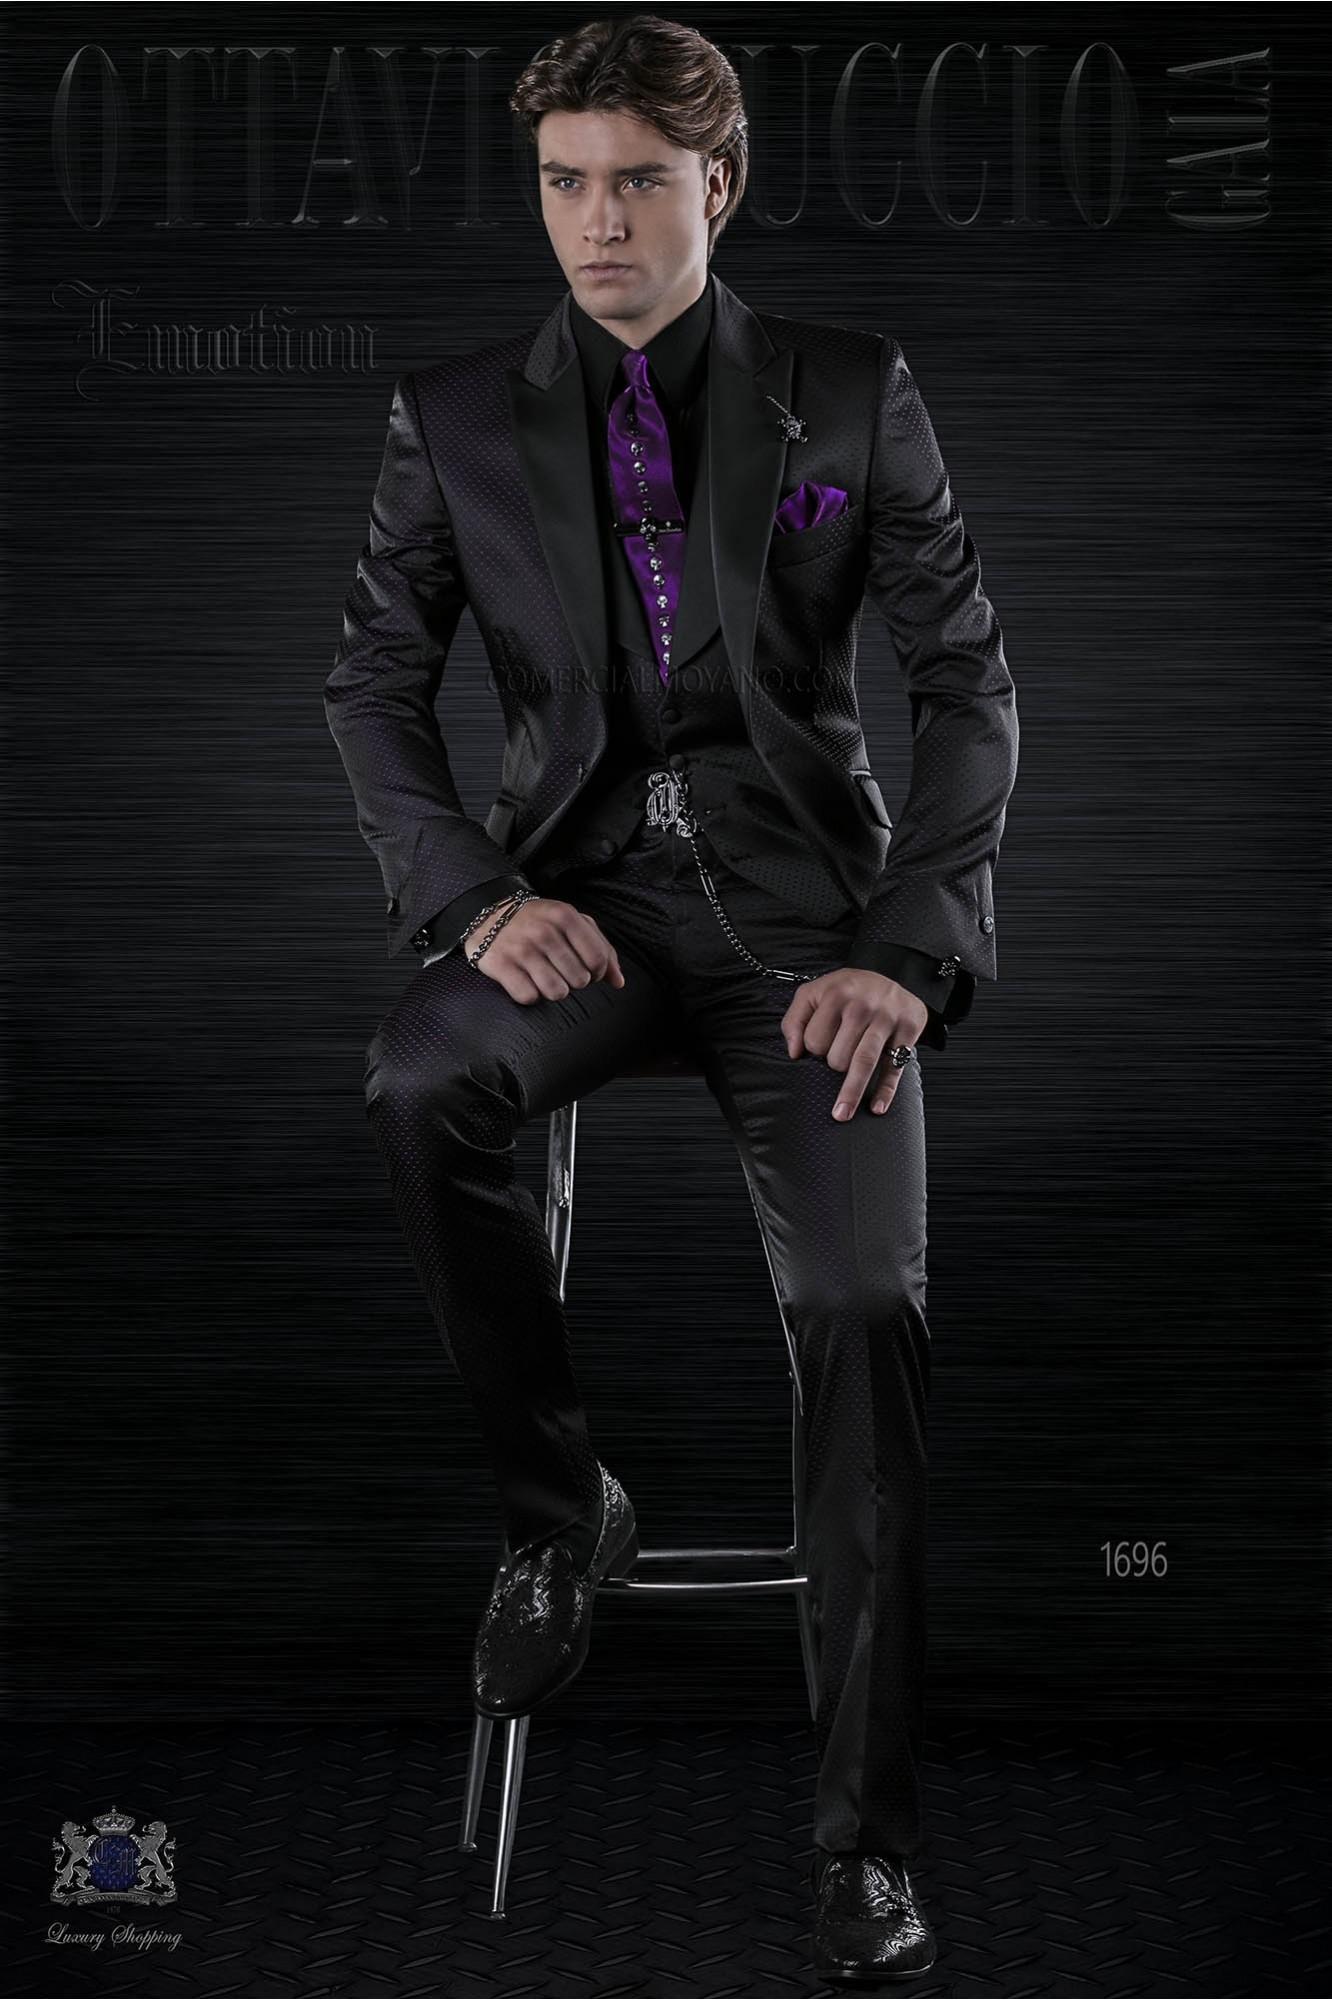 mode herren anzug schwarz mit violett mikromuster ottavio nuccio gala. Black Bedroom Furniture Sets. Home Design Ideas